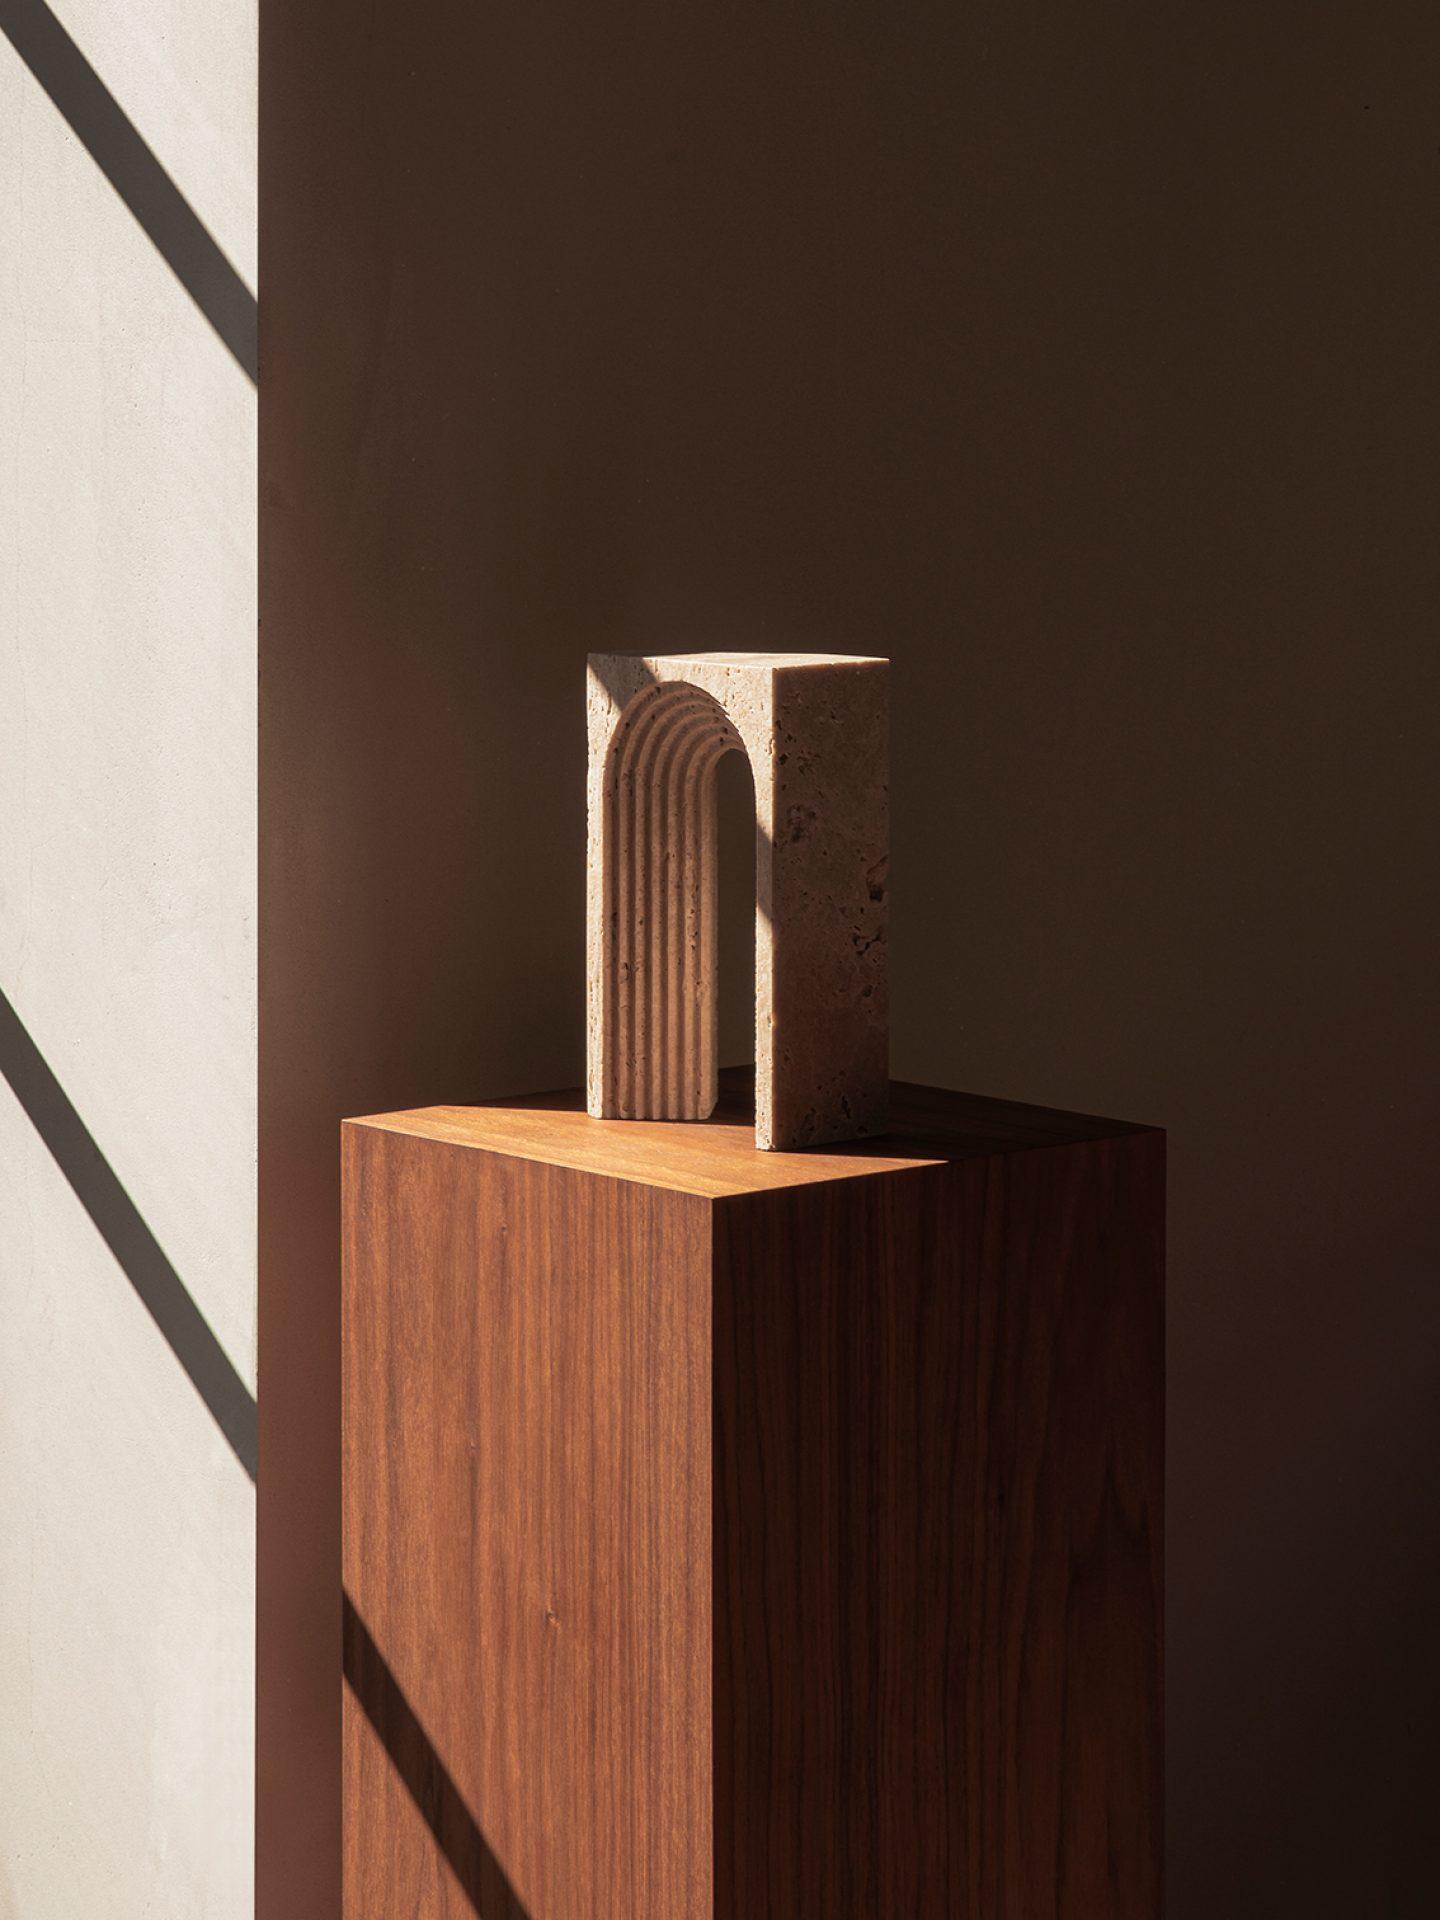 IGNANT-ART-Sculpture-Alium-16